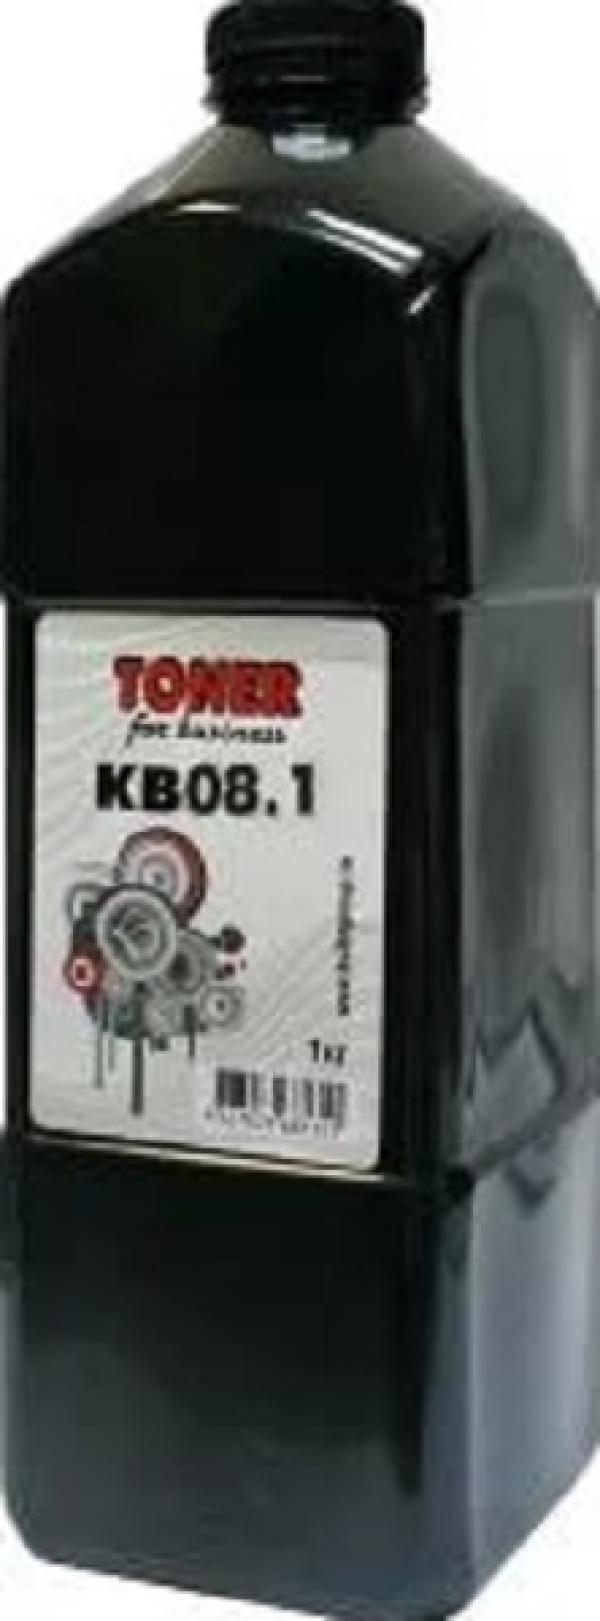 Тонер универсальный Булат KB08.1, для Kyocera, универсальный, 1кг